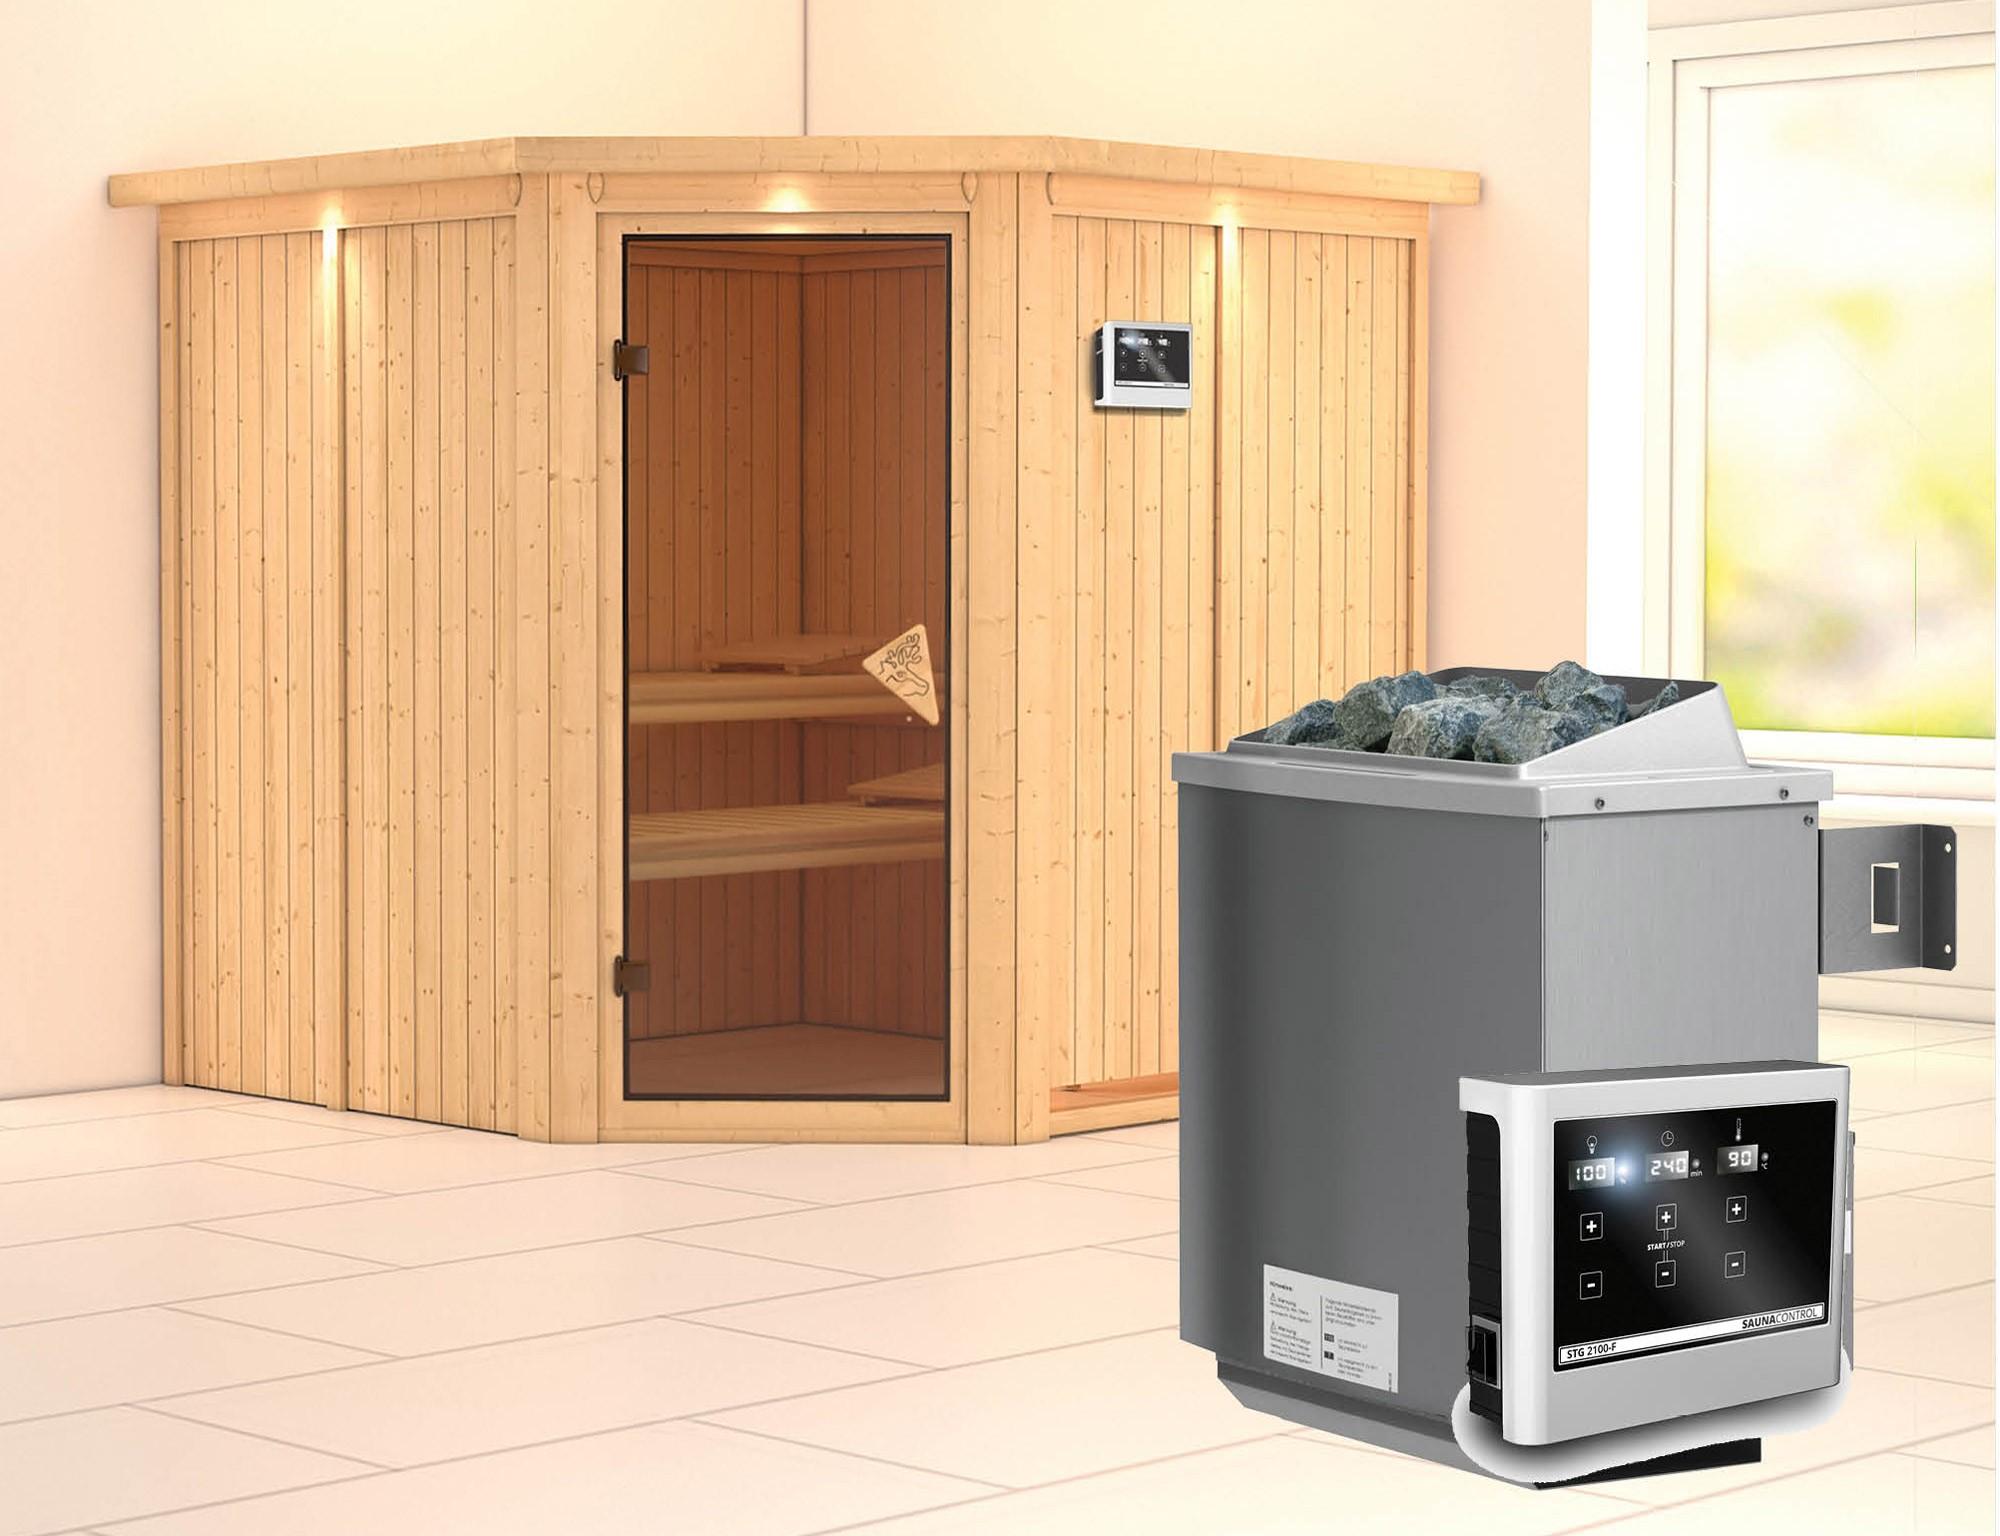 Karibu Sauna Jarin 68mm Dachkranz + Ofen 9kW extern classic Tür Bild 1